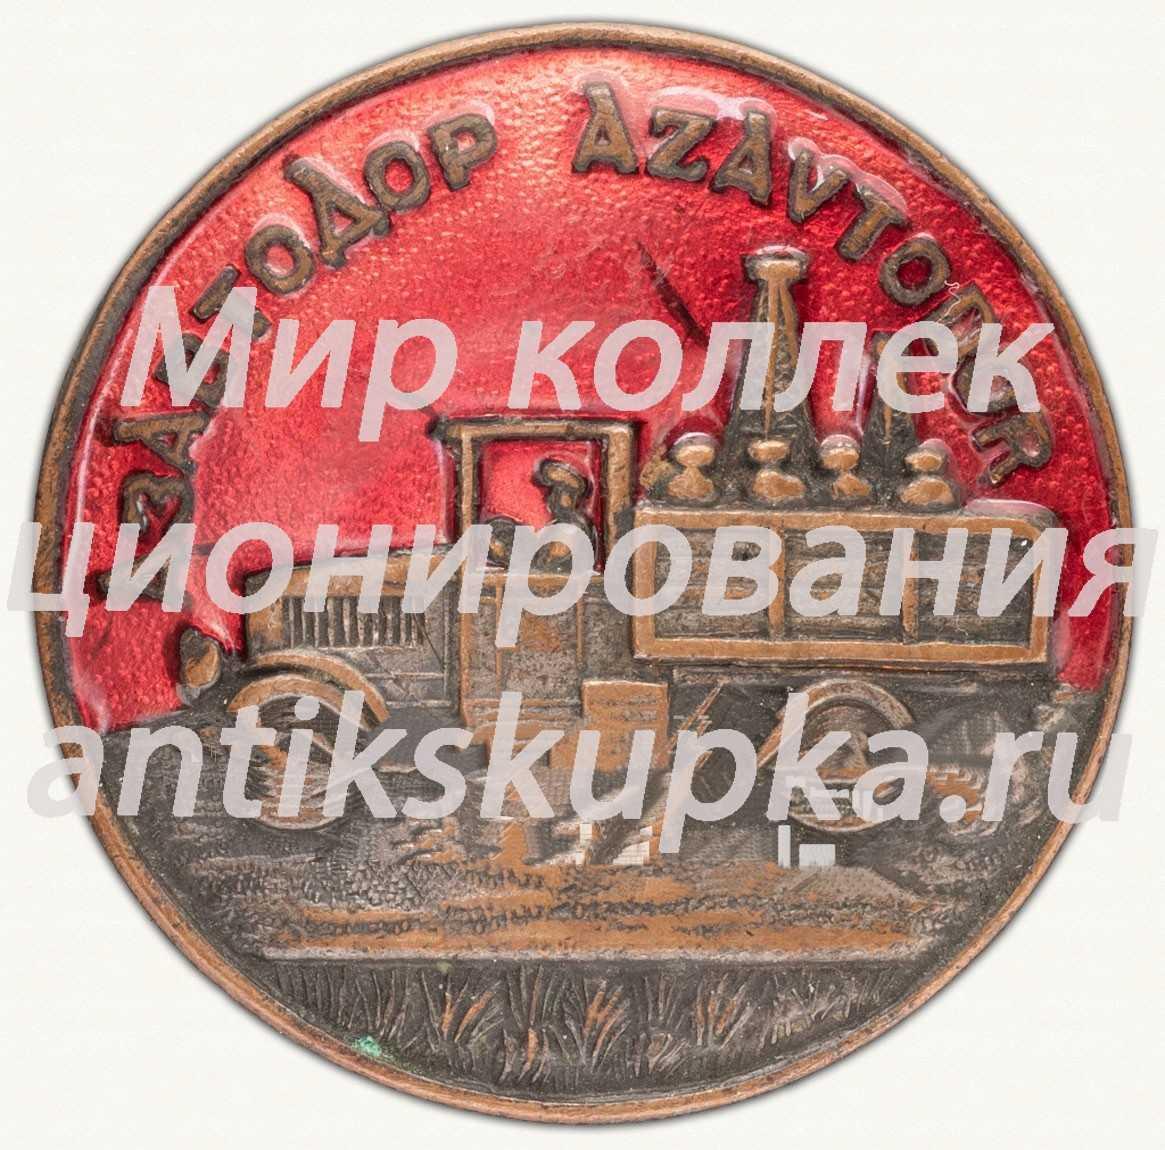 Знак «АЗАВТОДОР (Автодор азербайджанской ССР)»